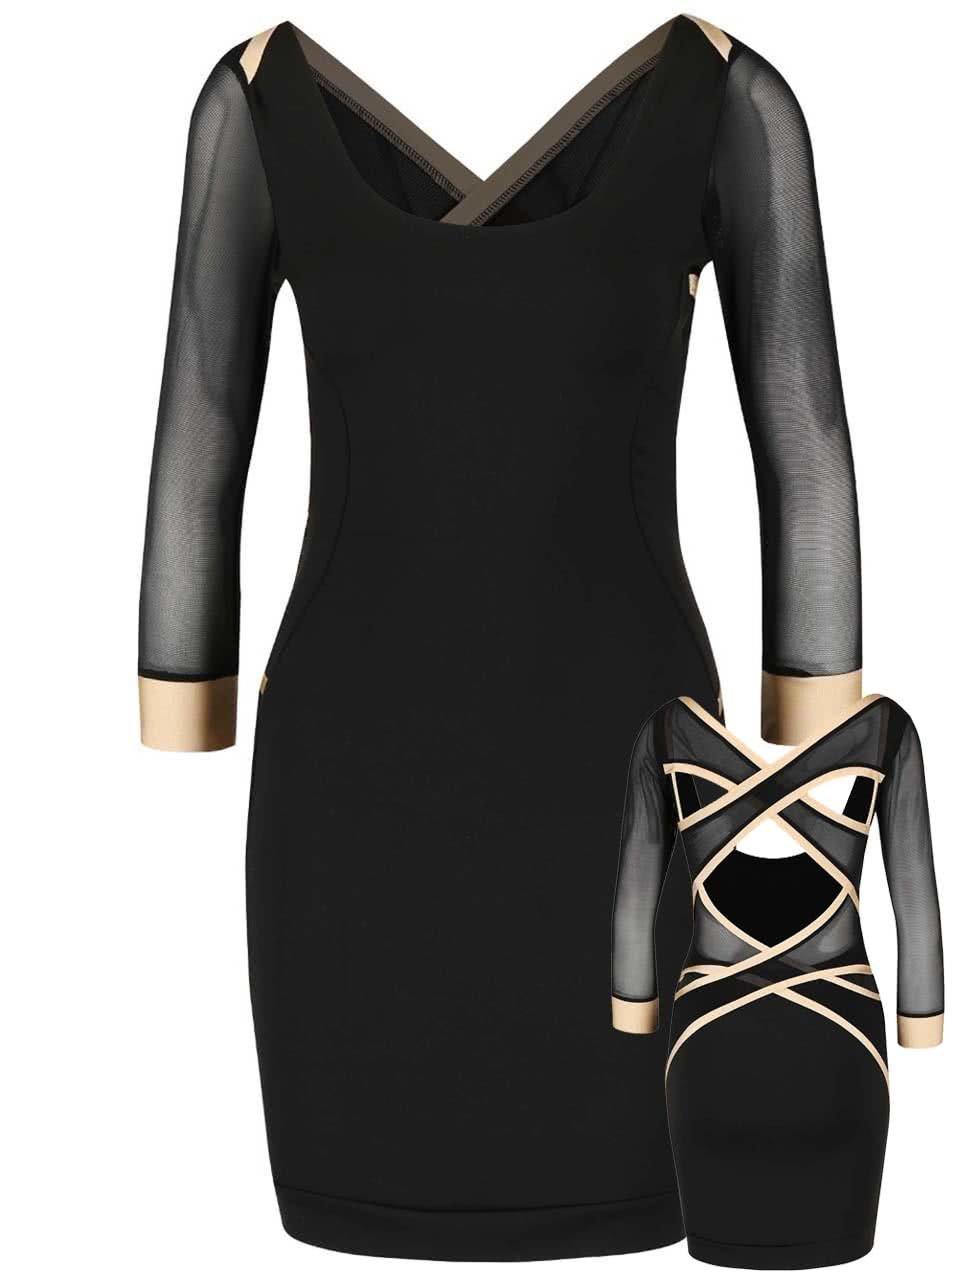 Černé elastické šaty s ozdobnými síťovanými pásy přes záda Quontum